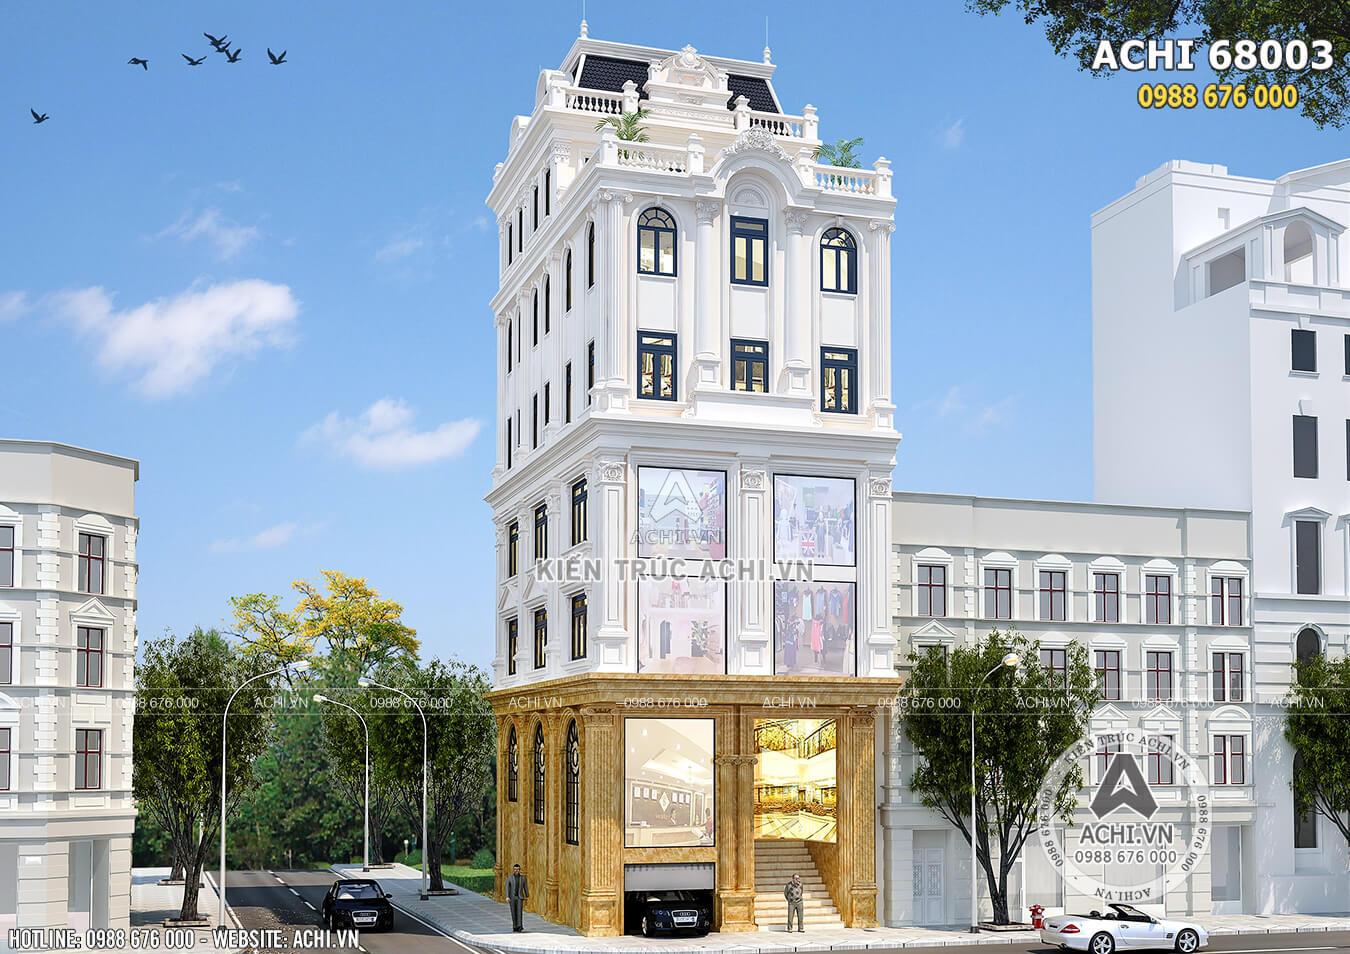 Hình ảnh: Mặt tiền nhà phố tân cổ điển đẹp, mới lạ– ACHI 68003